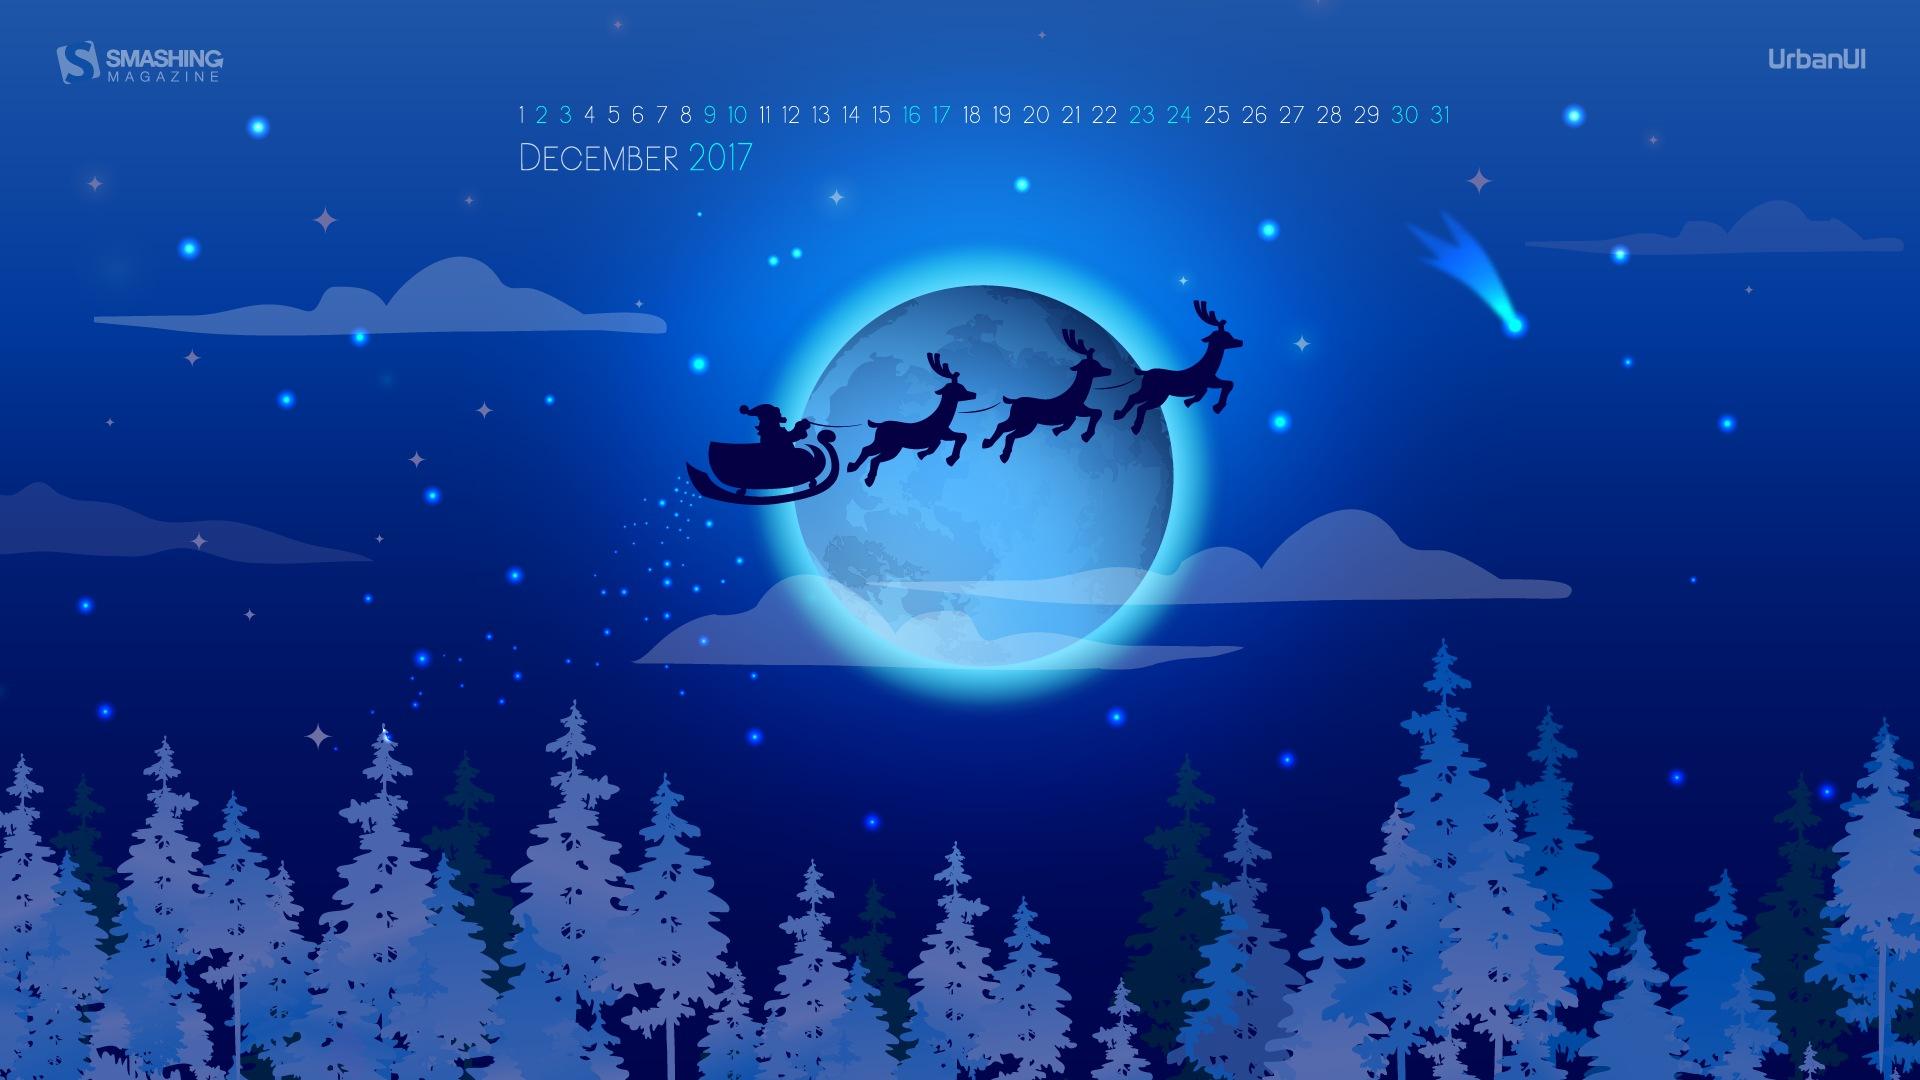 17年12月のカレンダー壁紙 18 19x1080 壁紙ダウンロード 17年12月のカレンダー壁紙 祭り 壁紙 V3の壁紙